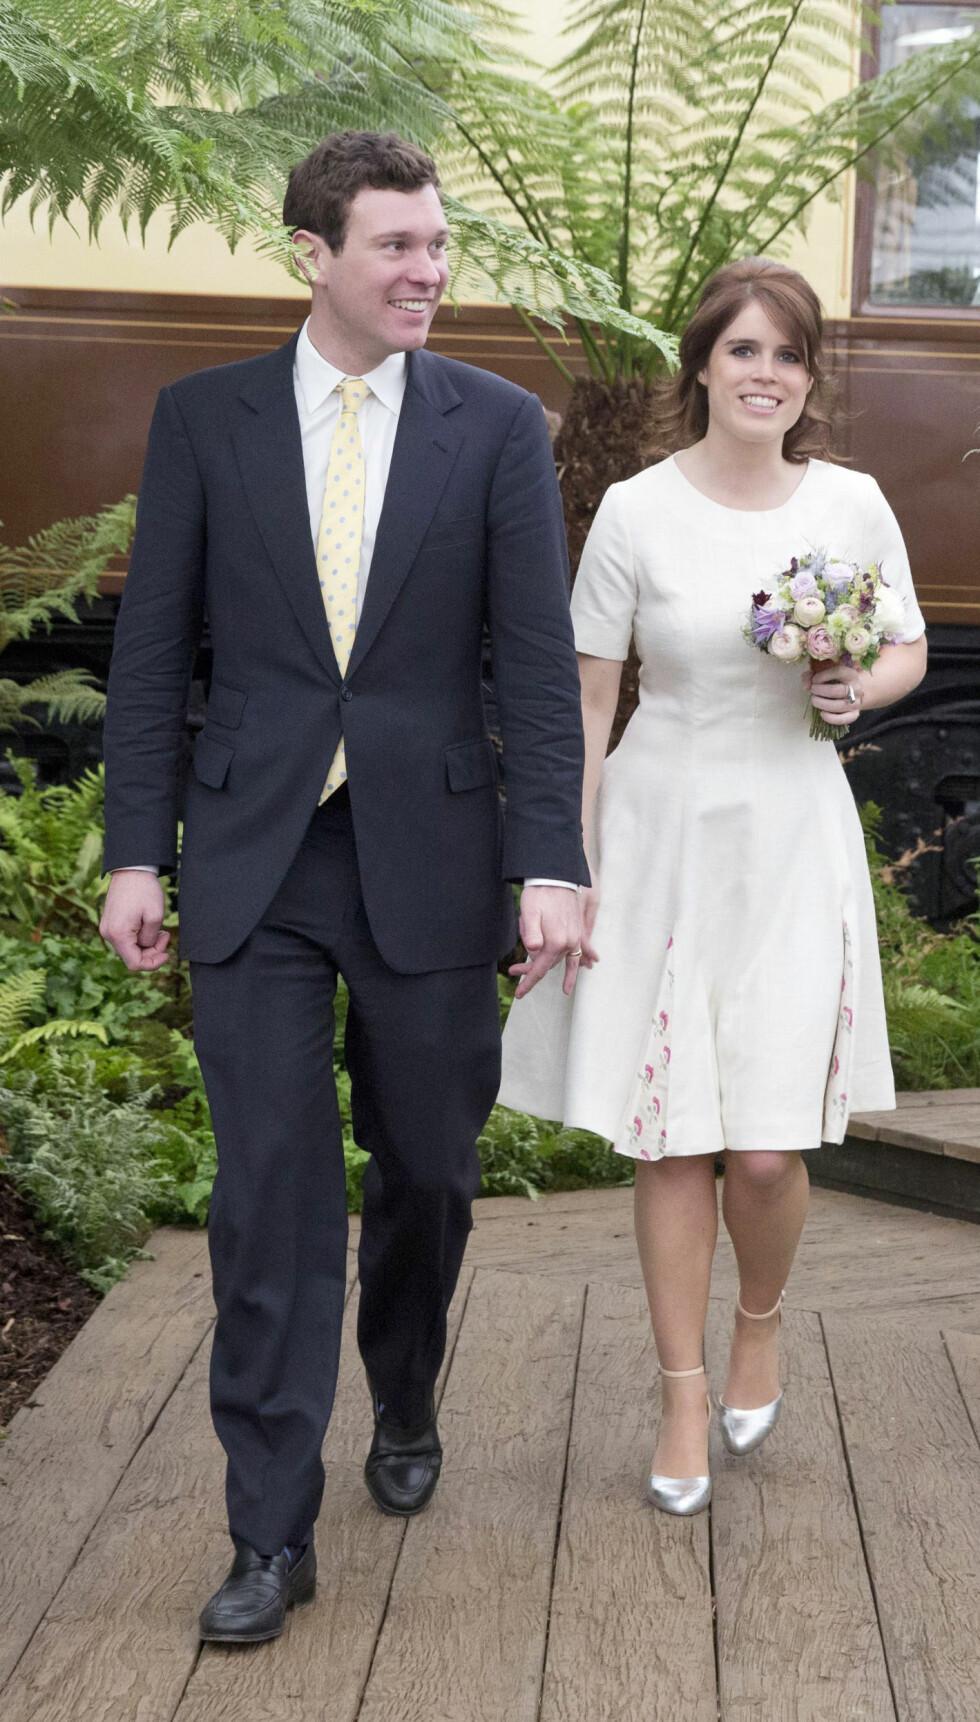 HVIT BRUD: Vi gleder oss til å se prinsesse Eugenie som brud høsten 2018. Dette bildet ble tatt under Chelsea Flower Show i 2016. Foto: NTB Scanpix